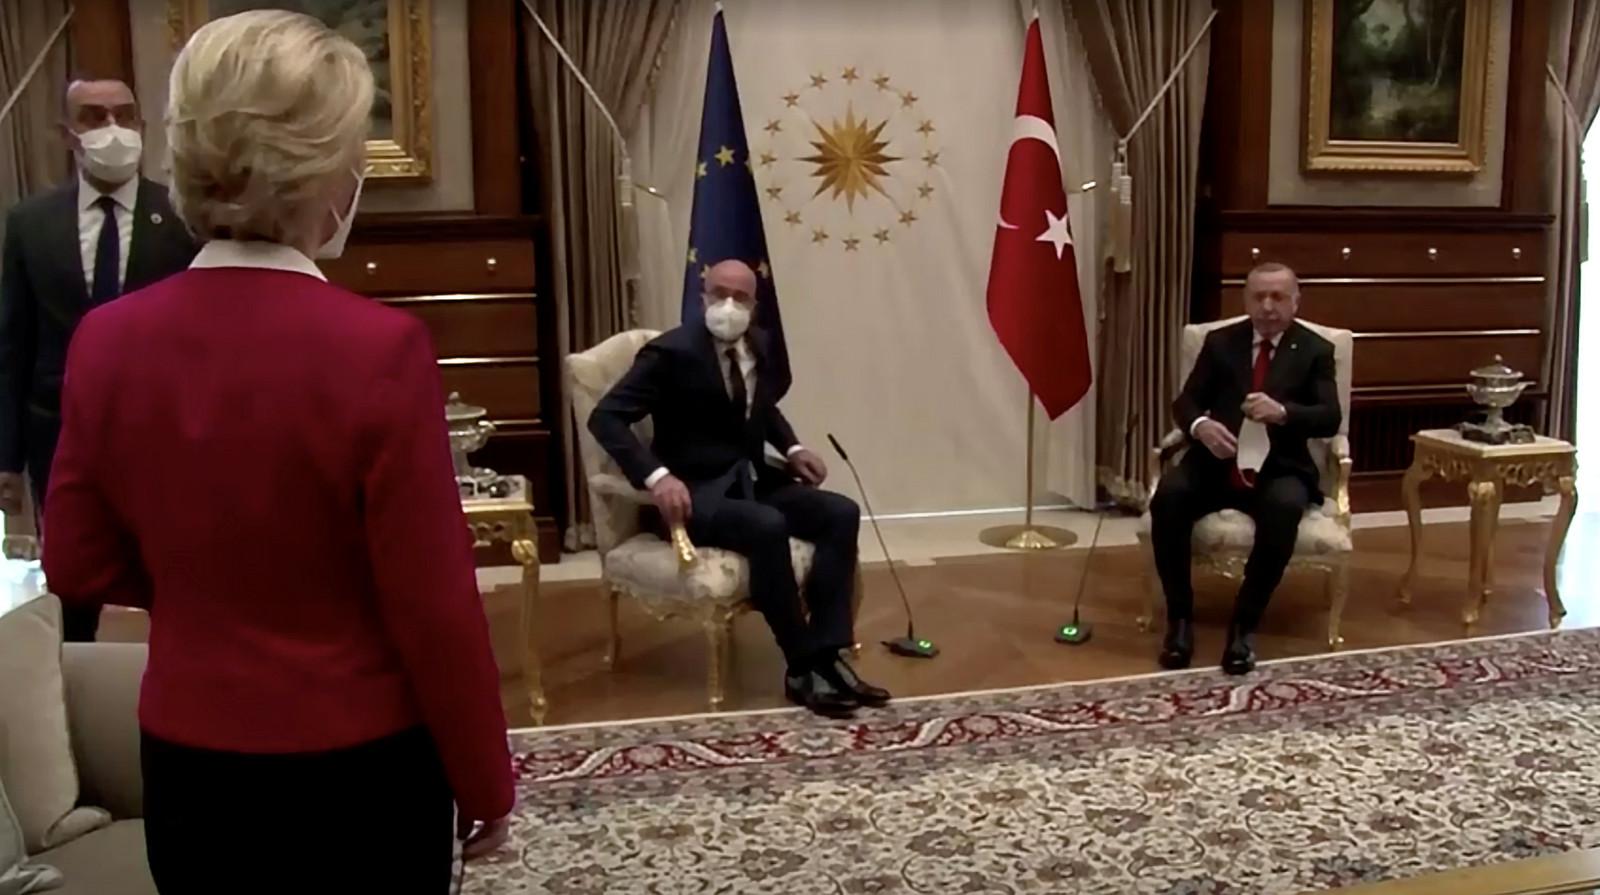 EU-Commissievoorzitter Ursula von der Leyen staat perplex als blijkt dat er voor haar geen stoel klaarstaat tijdens de ontmoeting met de Turkse president Erdogan, vorige week dinsdag in Ankara.